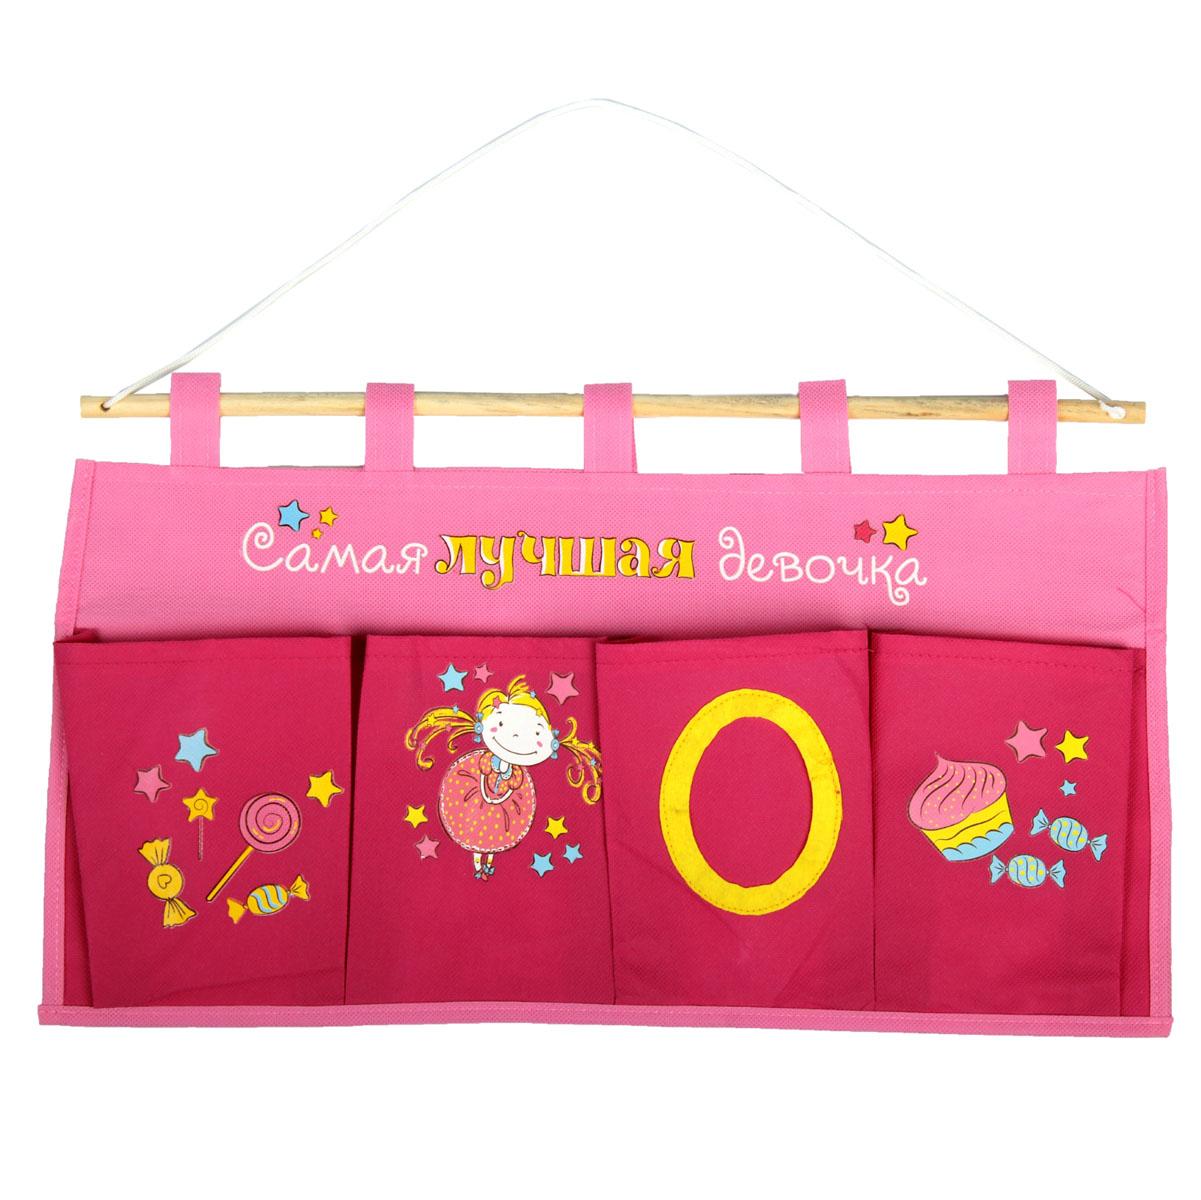 Кармашки на стену Sima-land Самая лучшая девочка, цвет: розовый, бордовый, желтый, 4 шт кармашки на стену sima land кружевные вертикальные 4 шт цвет зеленый молочный